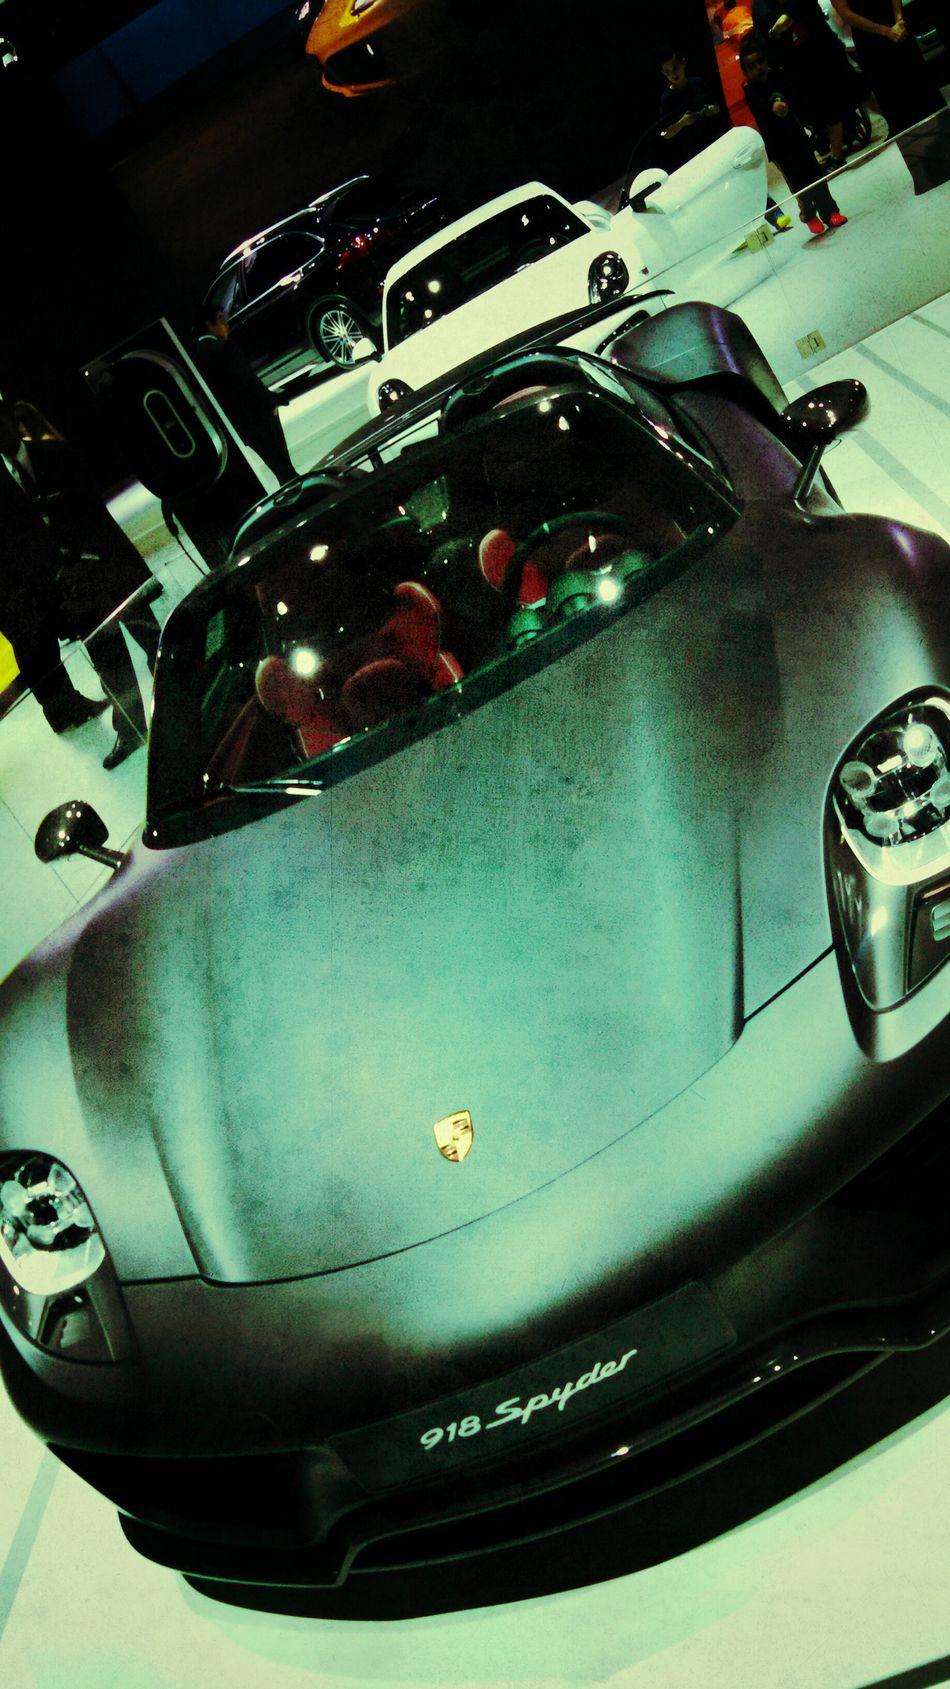 Porsche Porsche 918 Spyder Carsofeyeem Carshows